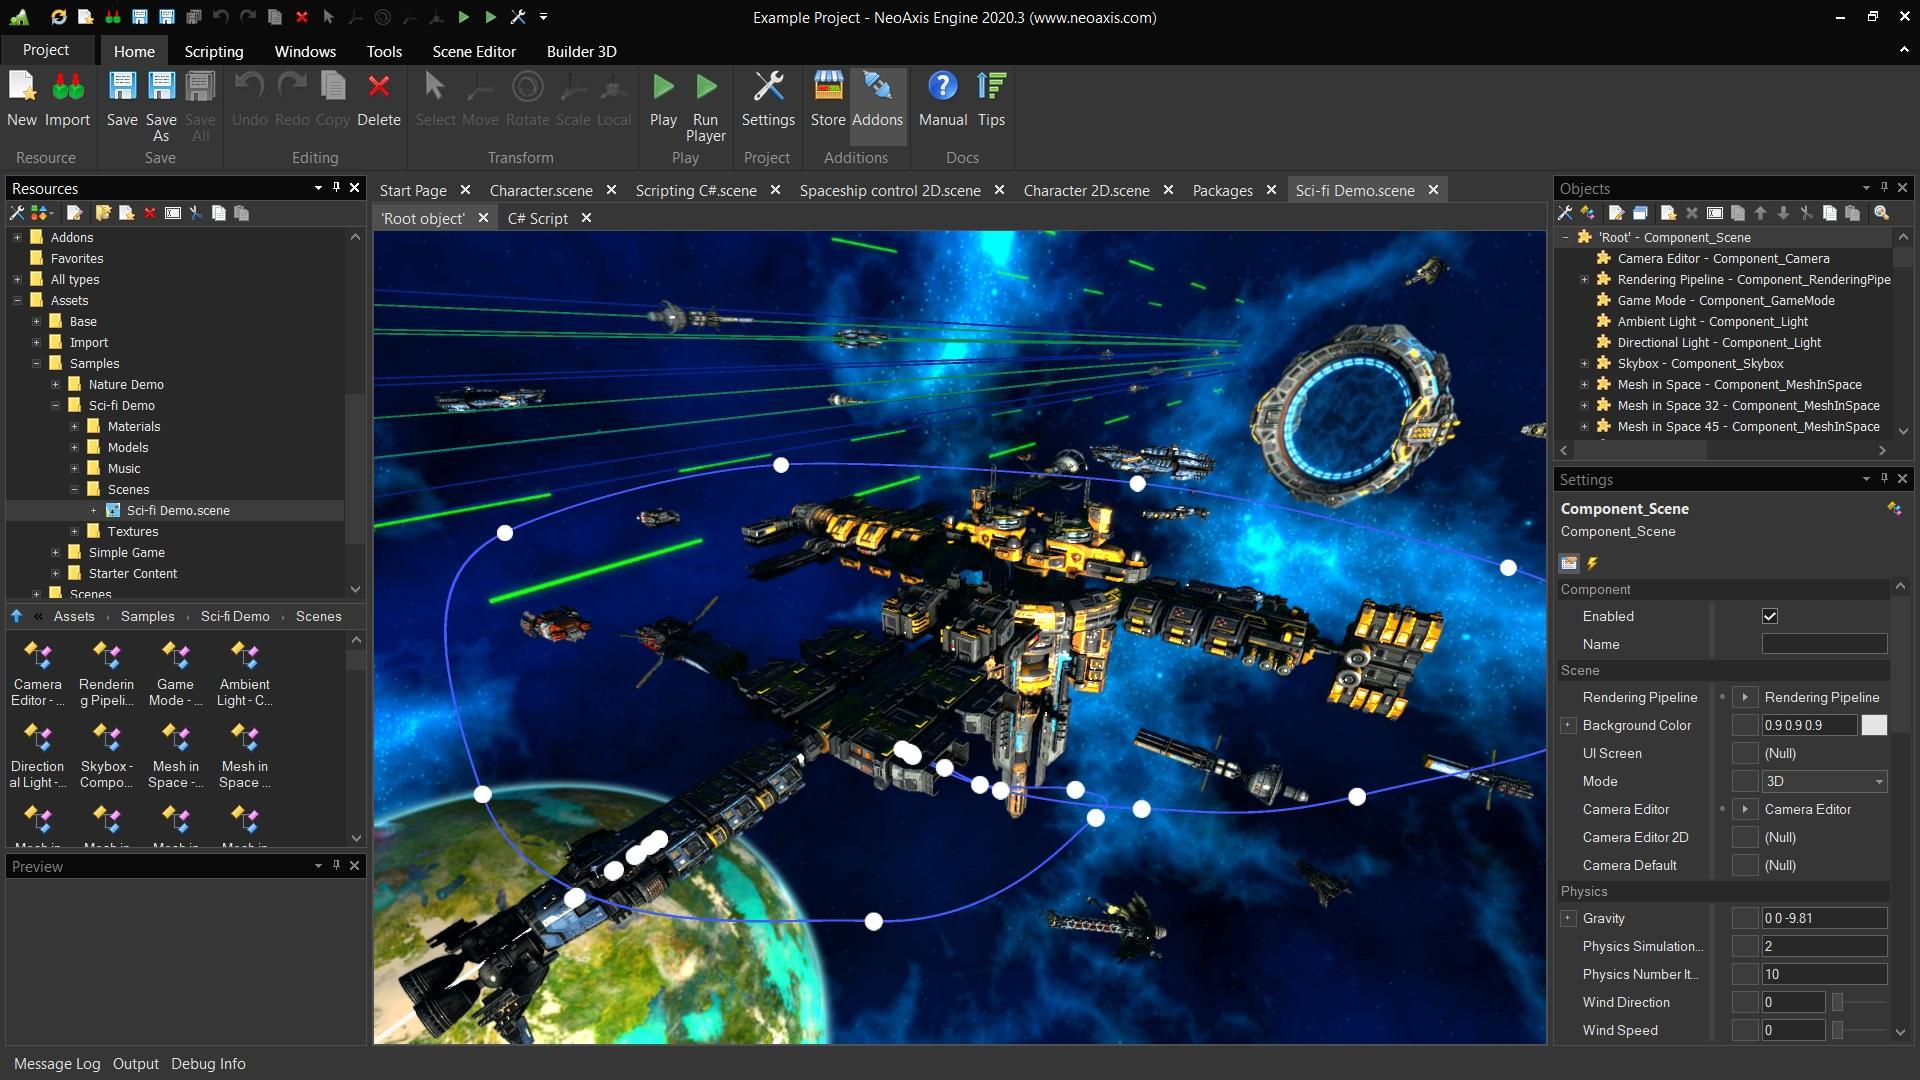 NeoAxis Engine Sci-fi Demo | NeoAxis Engine, 3D/2D игровой движок, теперь Open Source